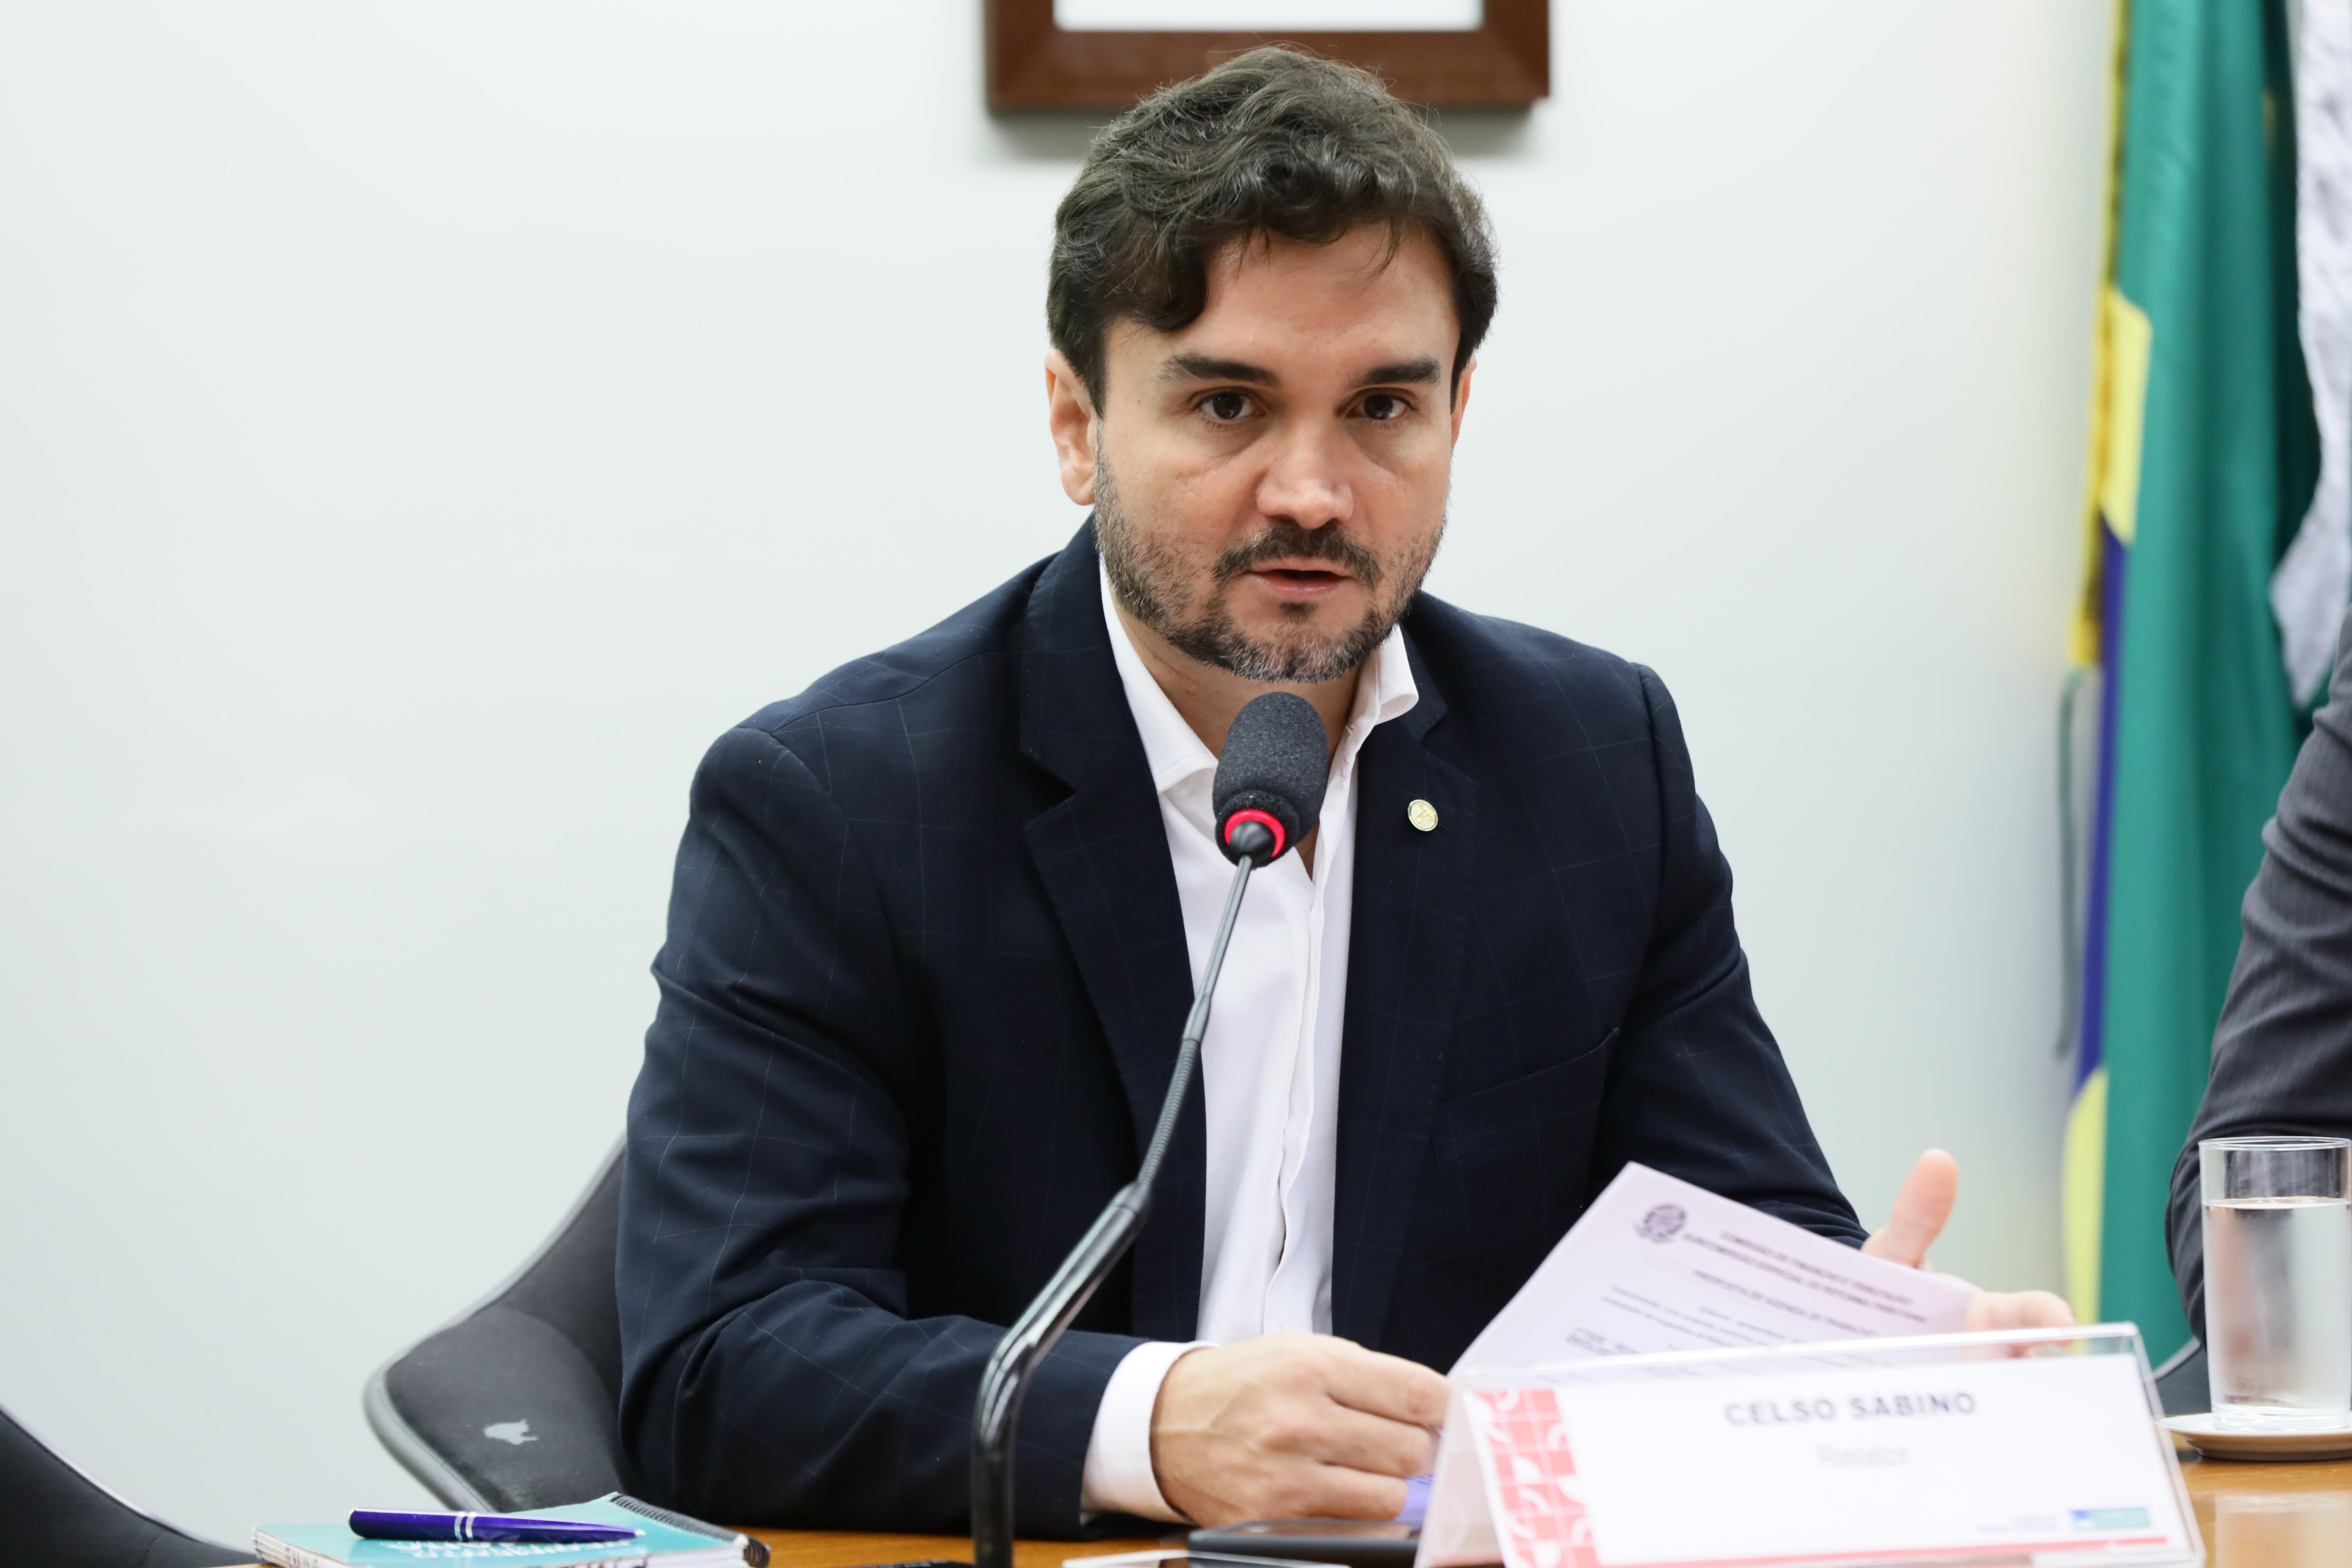 Reunião Extraordinária. Dep. Celso Sabino (PSDB-PA)